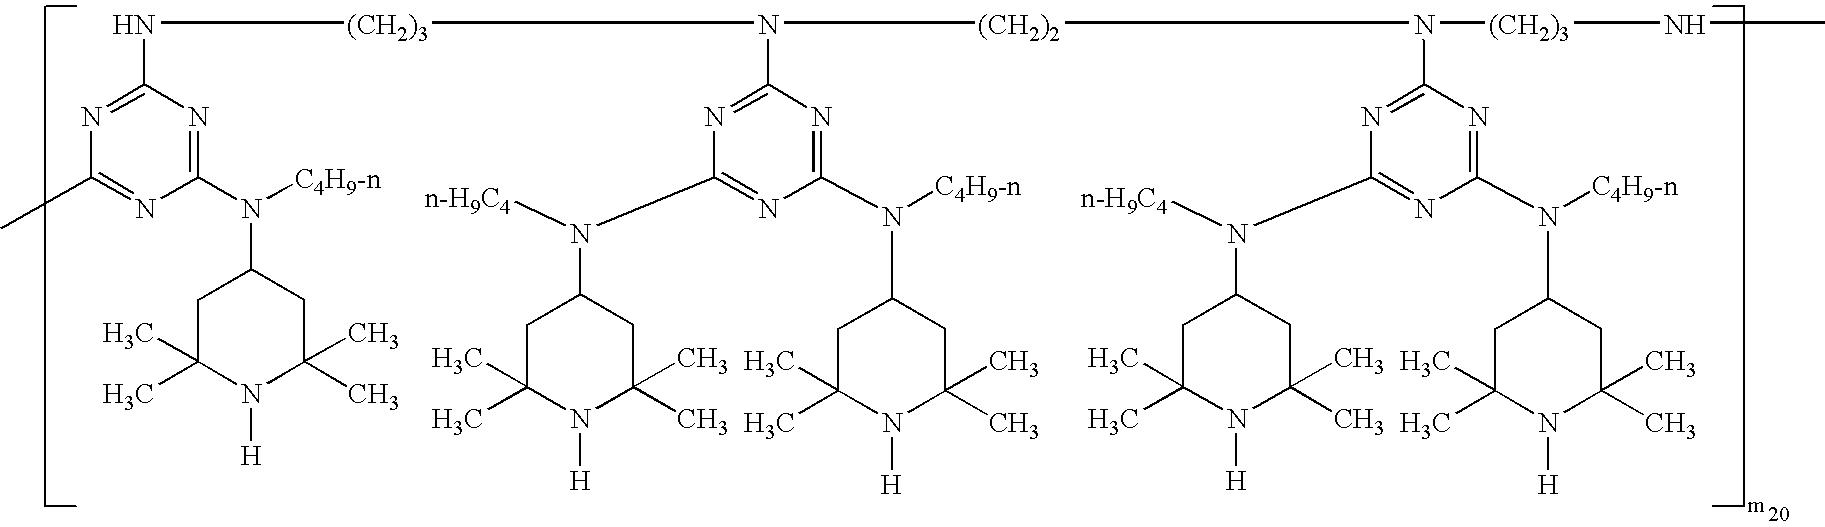 Figure US20060052491A1-20060309-C00077